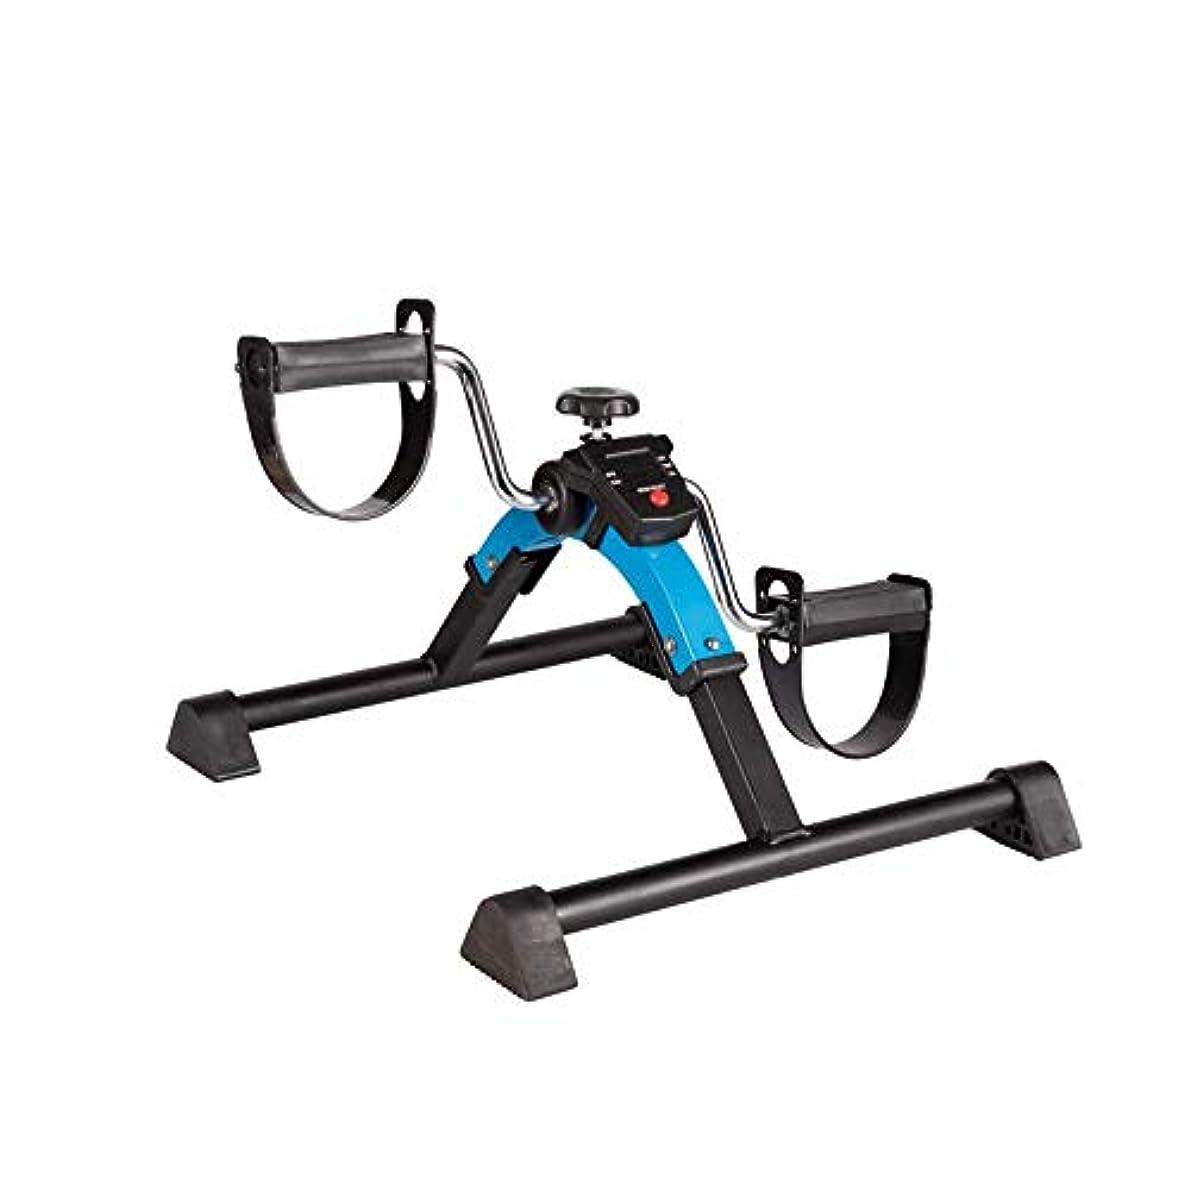 見出し有効化スラッシュ上肢および下肢エクササイズペダル、レッグマシン、リハビリトレーニング機器、脳卒中、片麻痺、手足、二重使用自転車